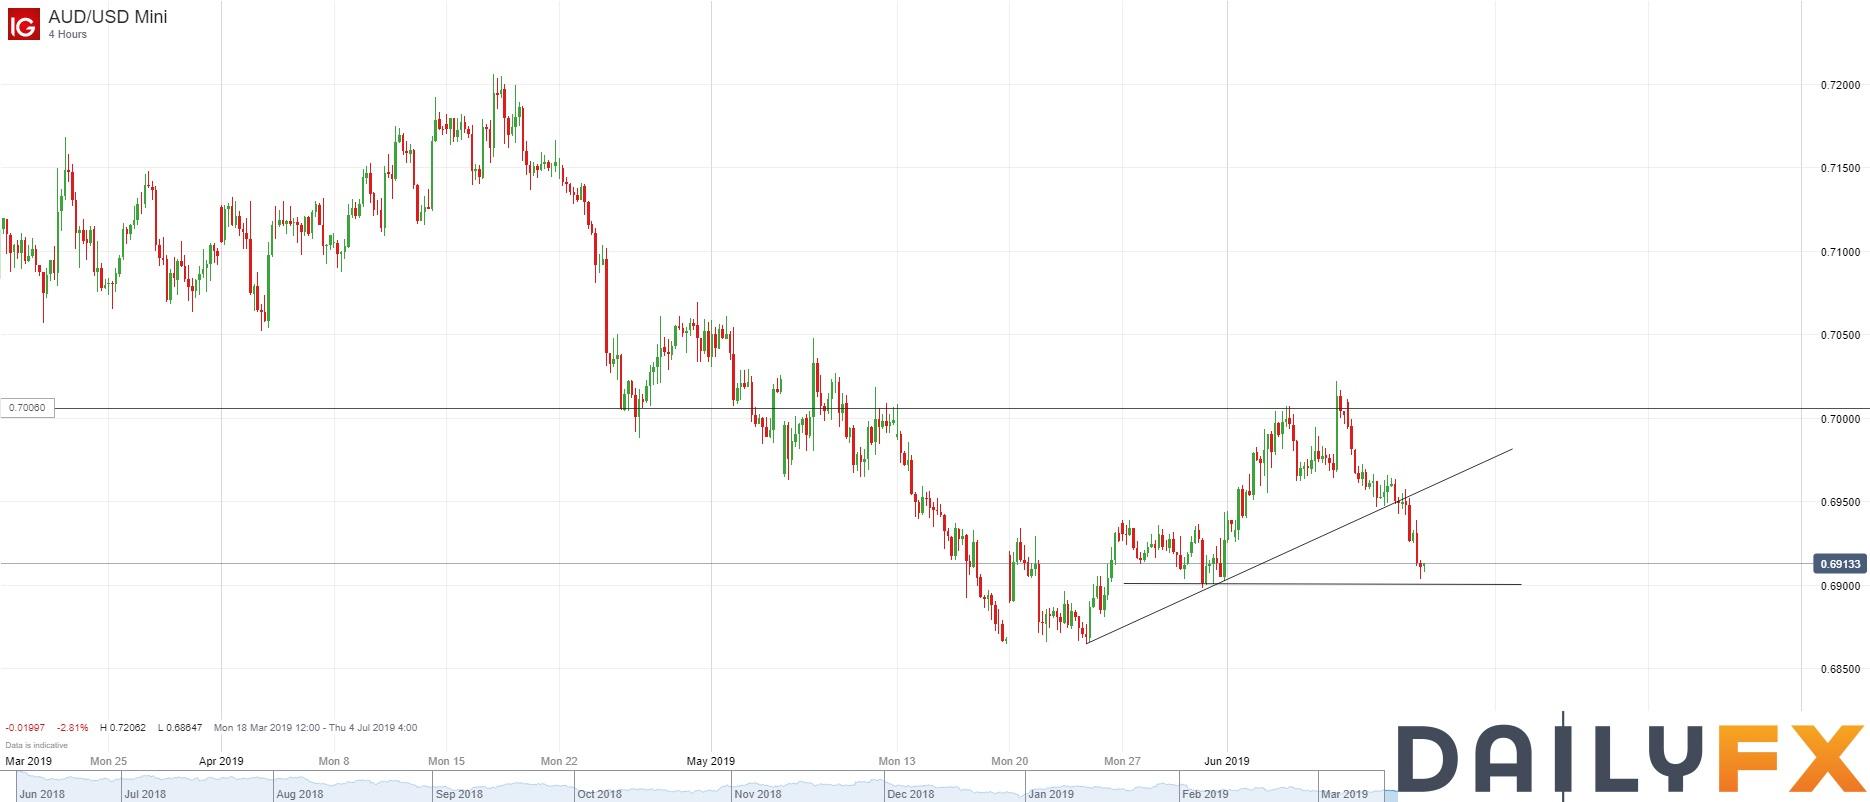 澳元/美元技術分析:跌破支撐線,日圖跌勢可能恢復